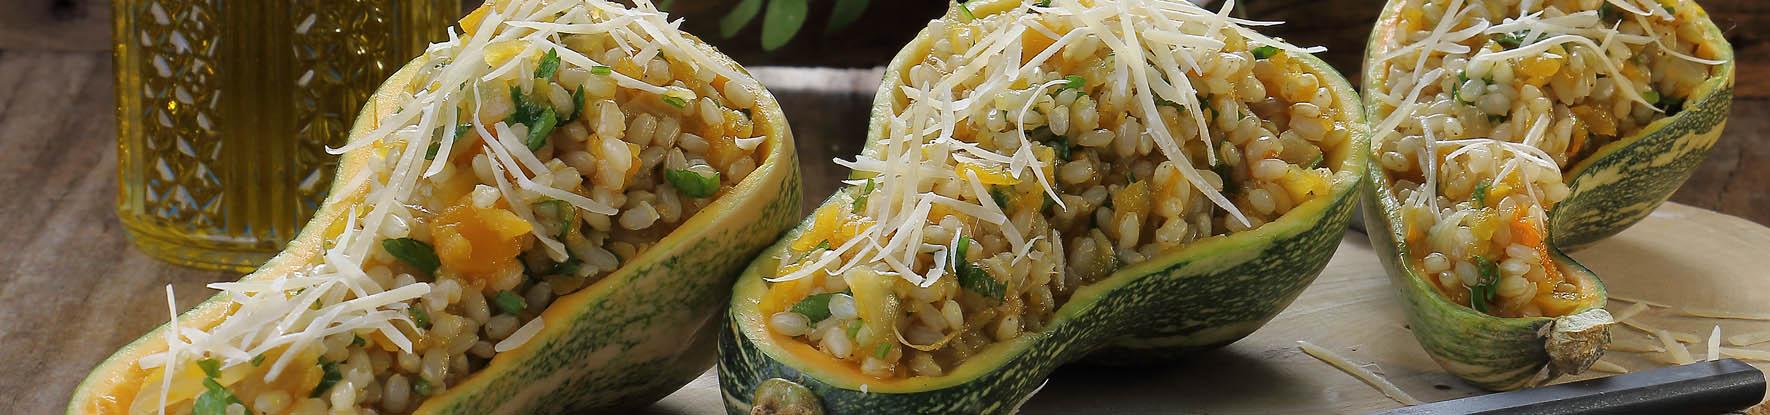 Receita: Risoto de arroz integral com abóbora, visite nosso blog!